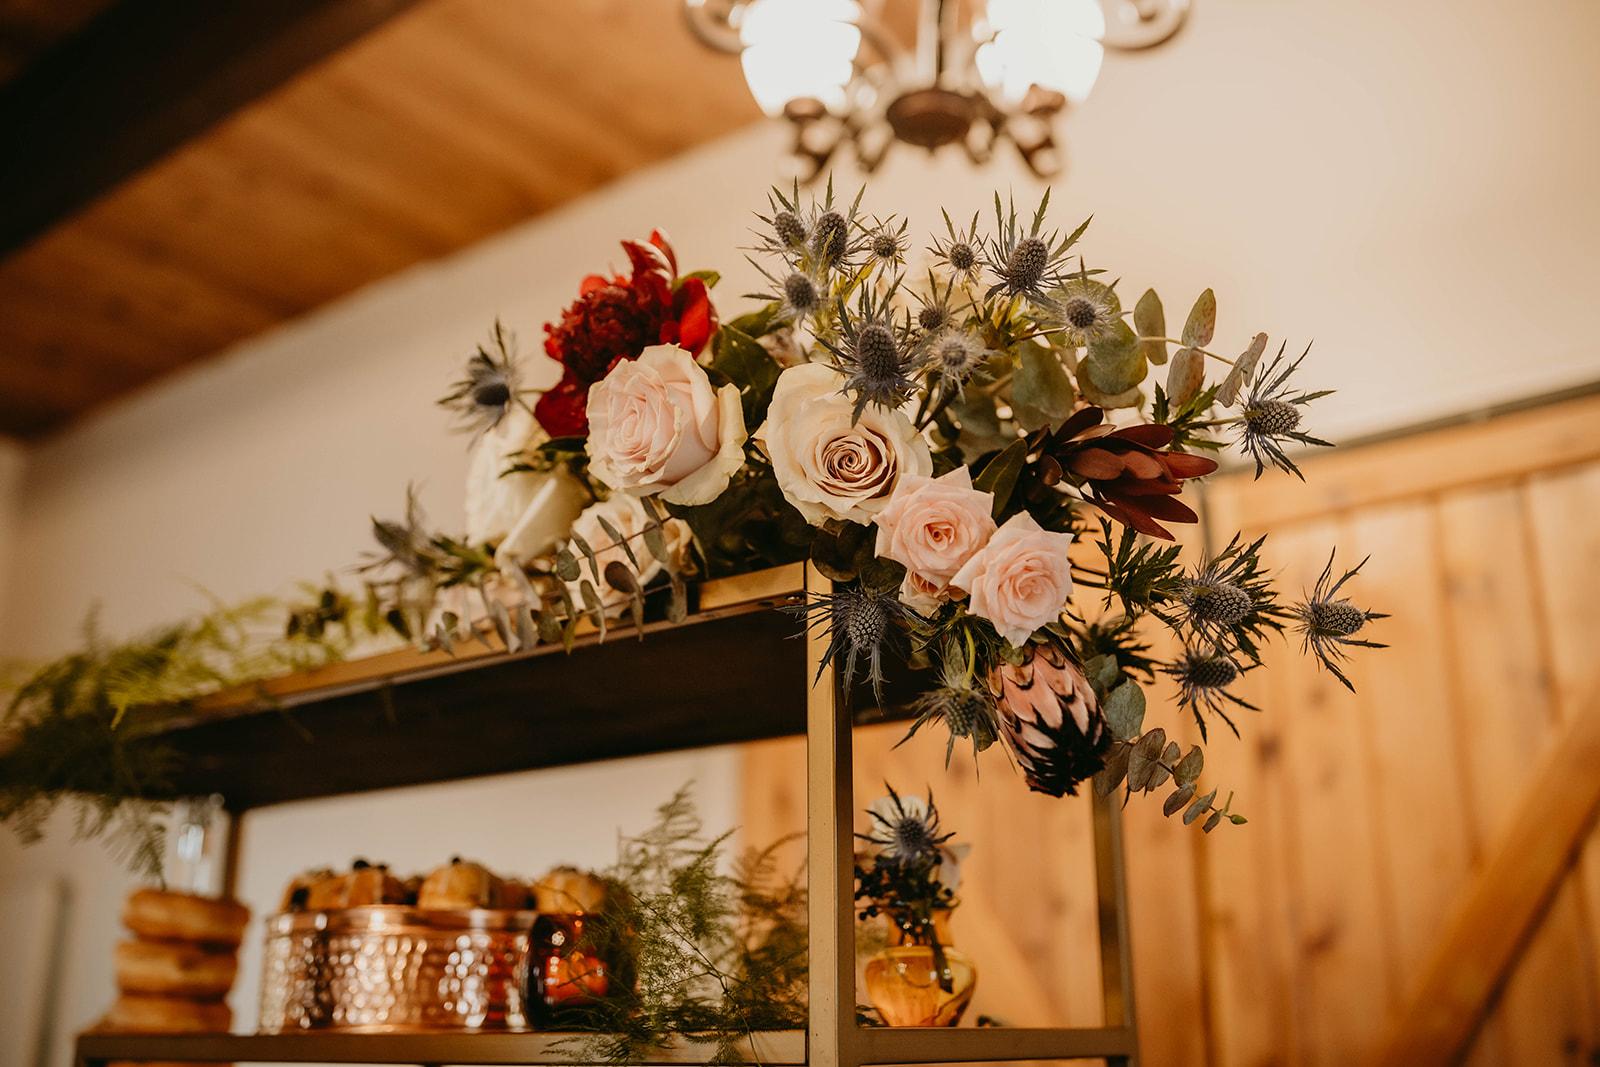 vintage wedding, vintage wedding details, romantic wedding, romantic wedding details, wedding flowers, oregon wedding flowers, oregon wedding florist, portland wedding flowers, portland wedding florist